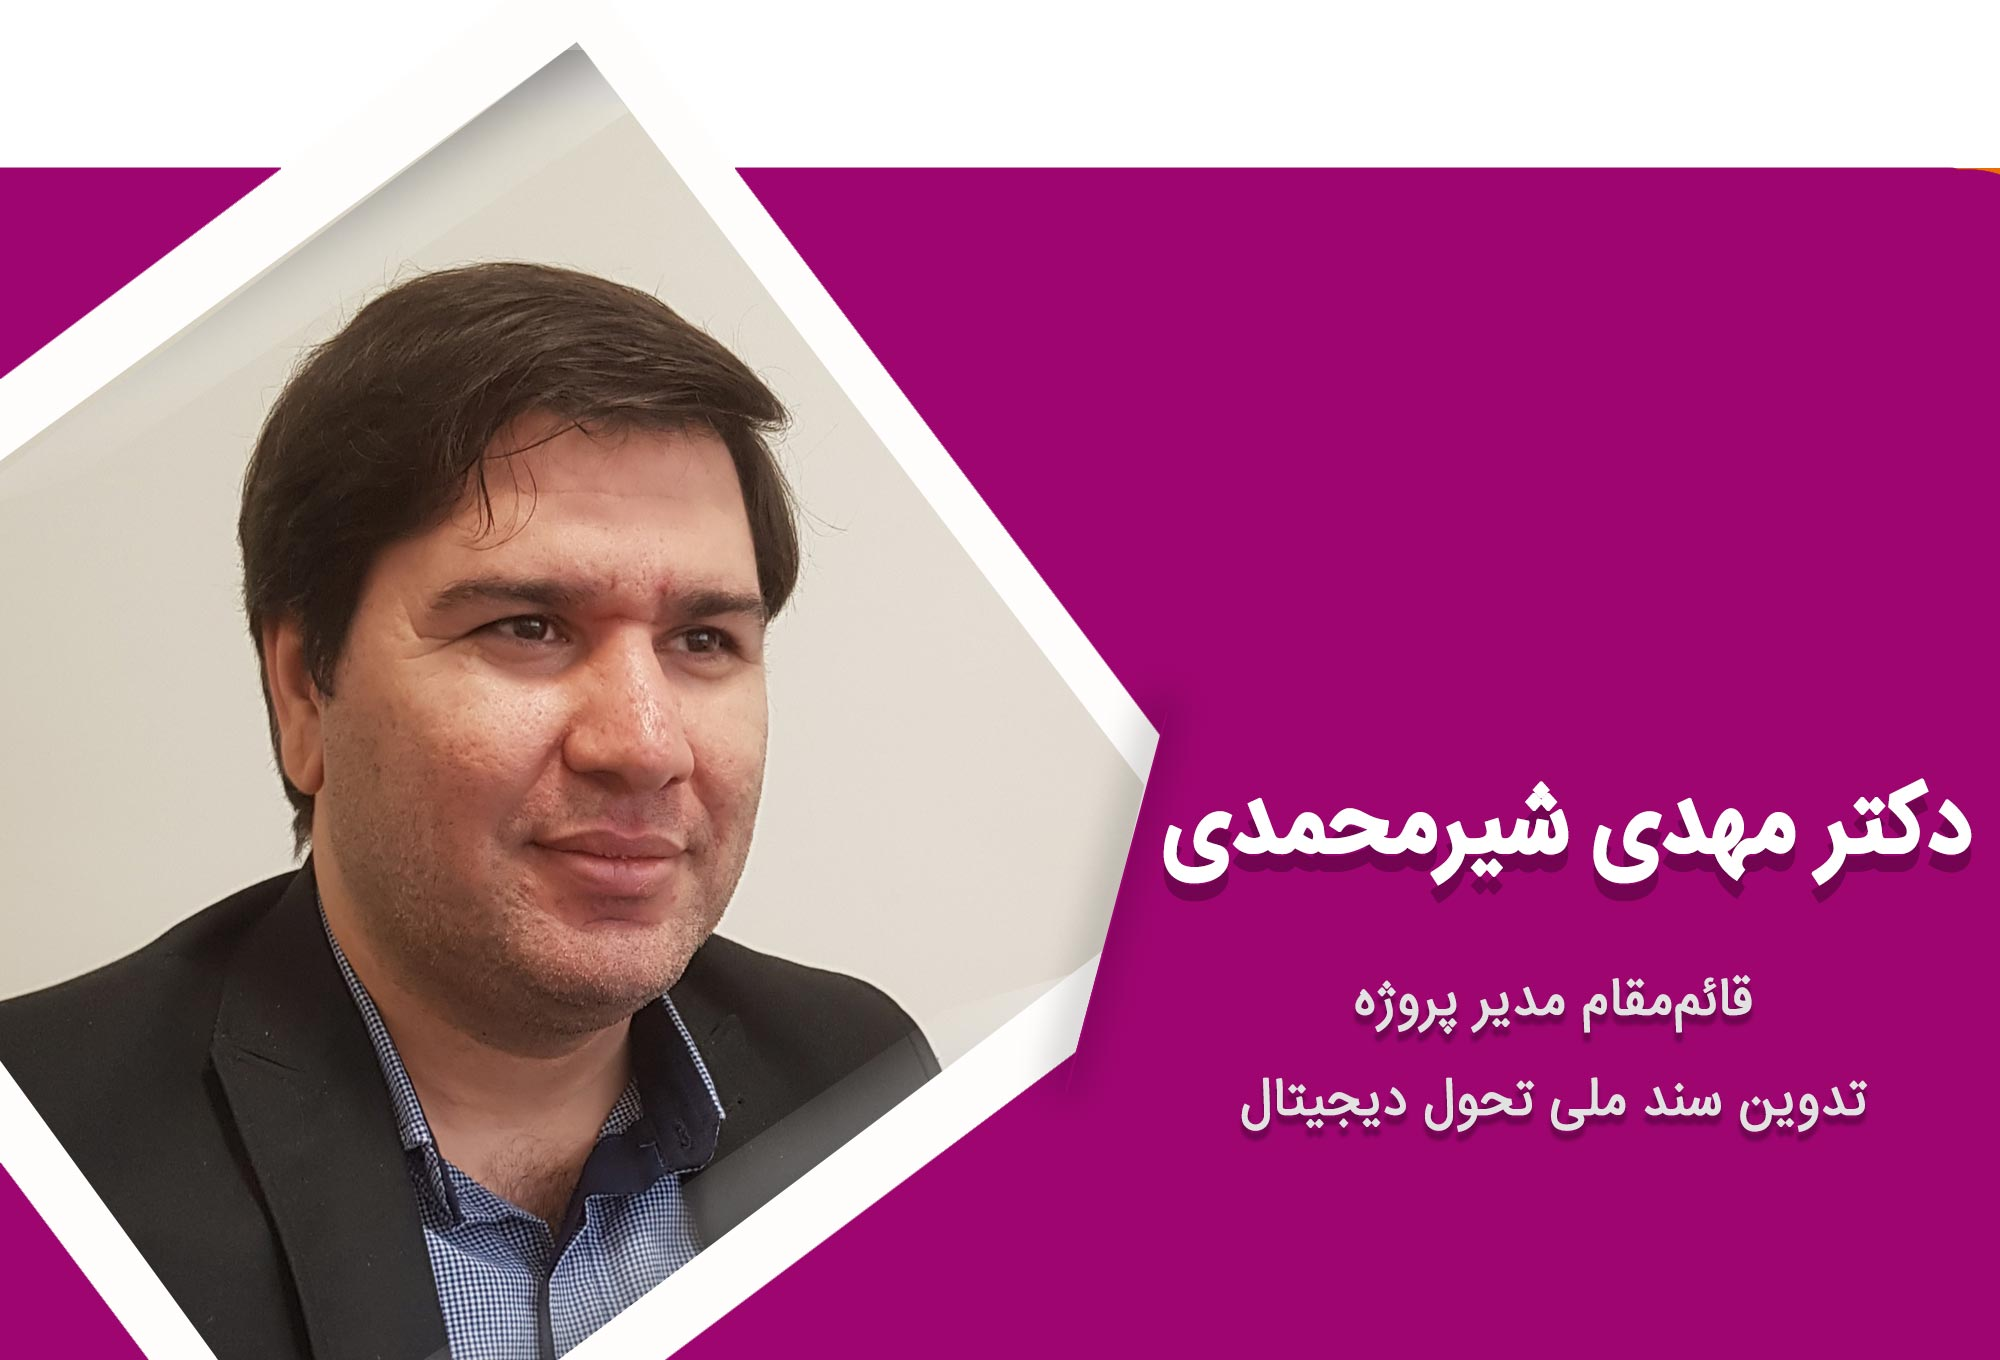 دکتر مهدی شیرمحمدی